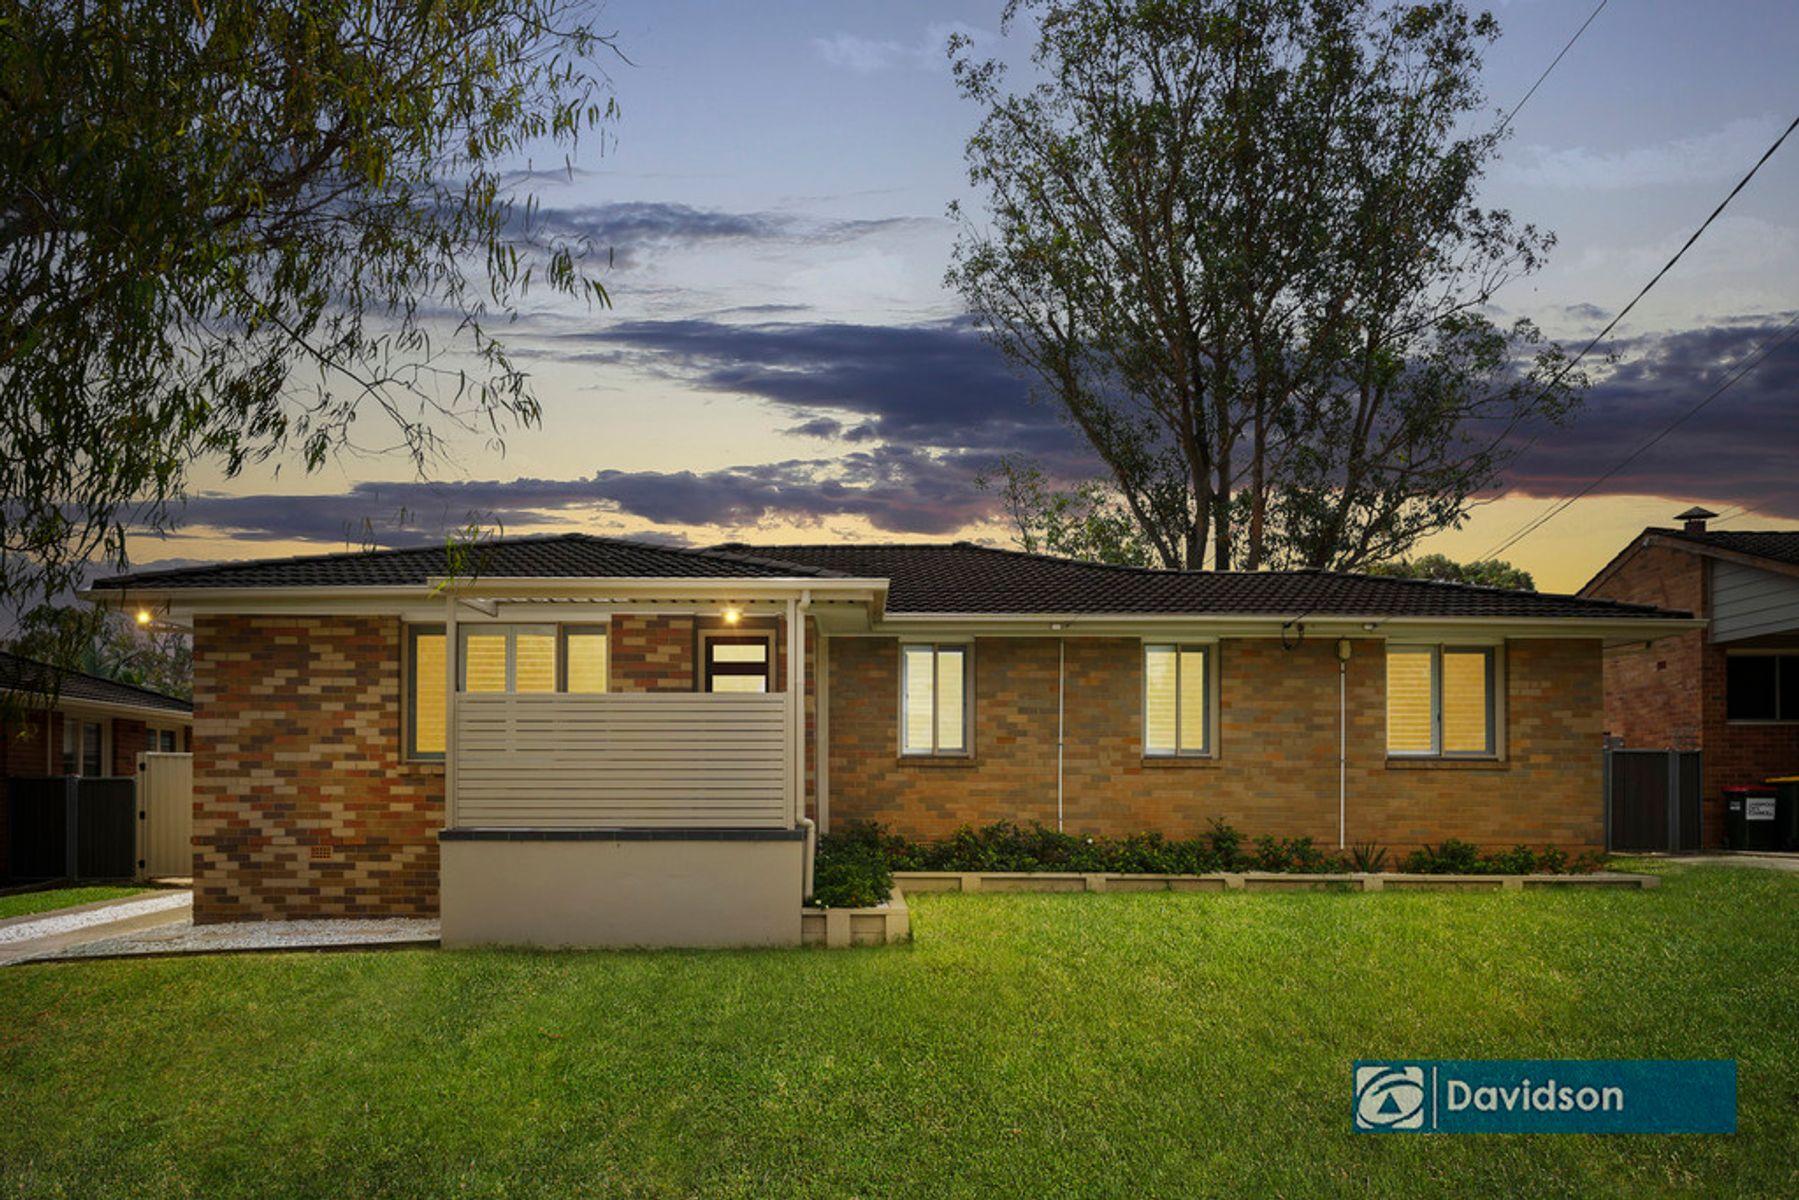 9 Watson Street, Hammondville, NSW 2170